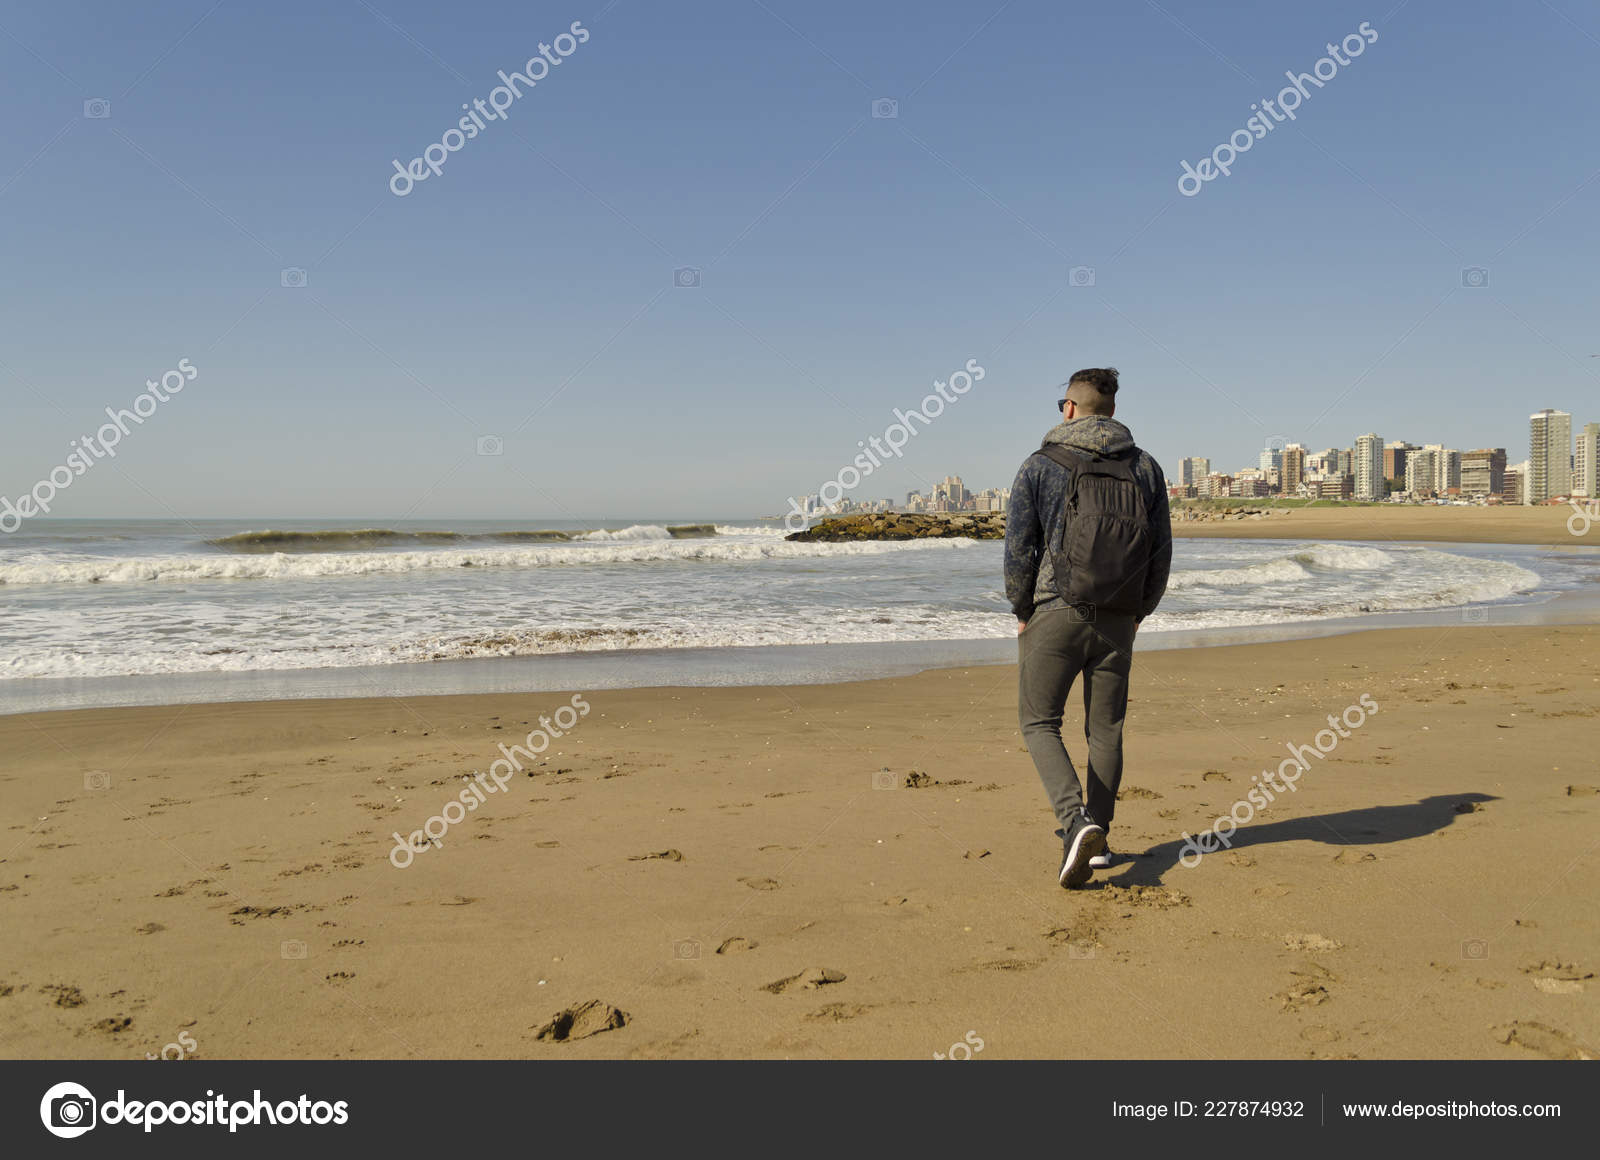 b5a4e8500e3 Hombre Joven Caminando Por Playa Día Soleado — Foto de stock ...